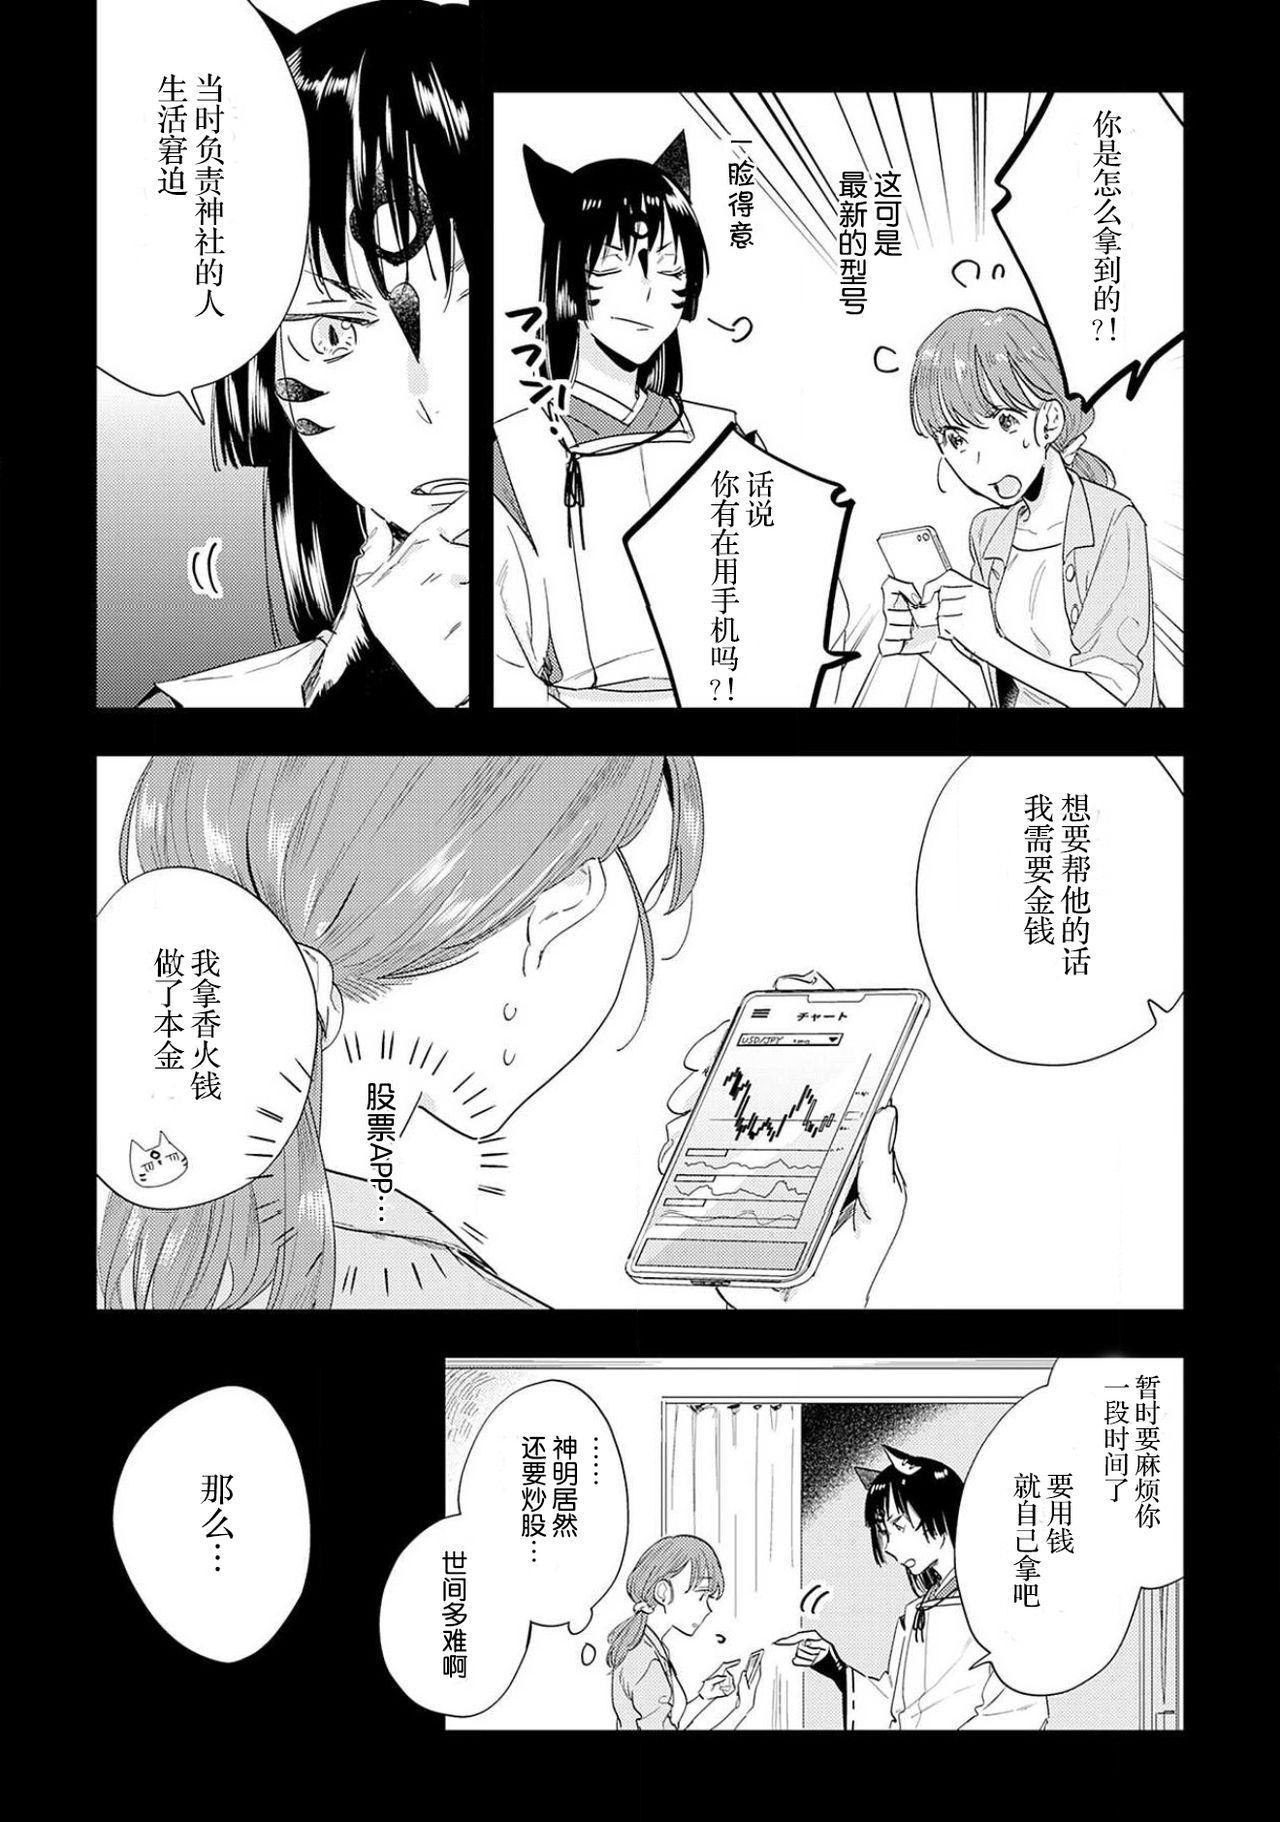 [Hachikawa Kyuu] Kami-sama to Ikenie H Keiyaku Shichaimashita | 我与神明大人签订了祭品H契约 1-3 [Chinese] [莉赛特汉化组] 32